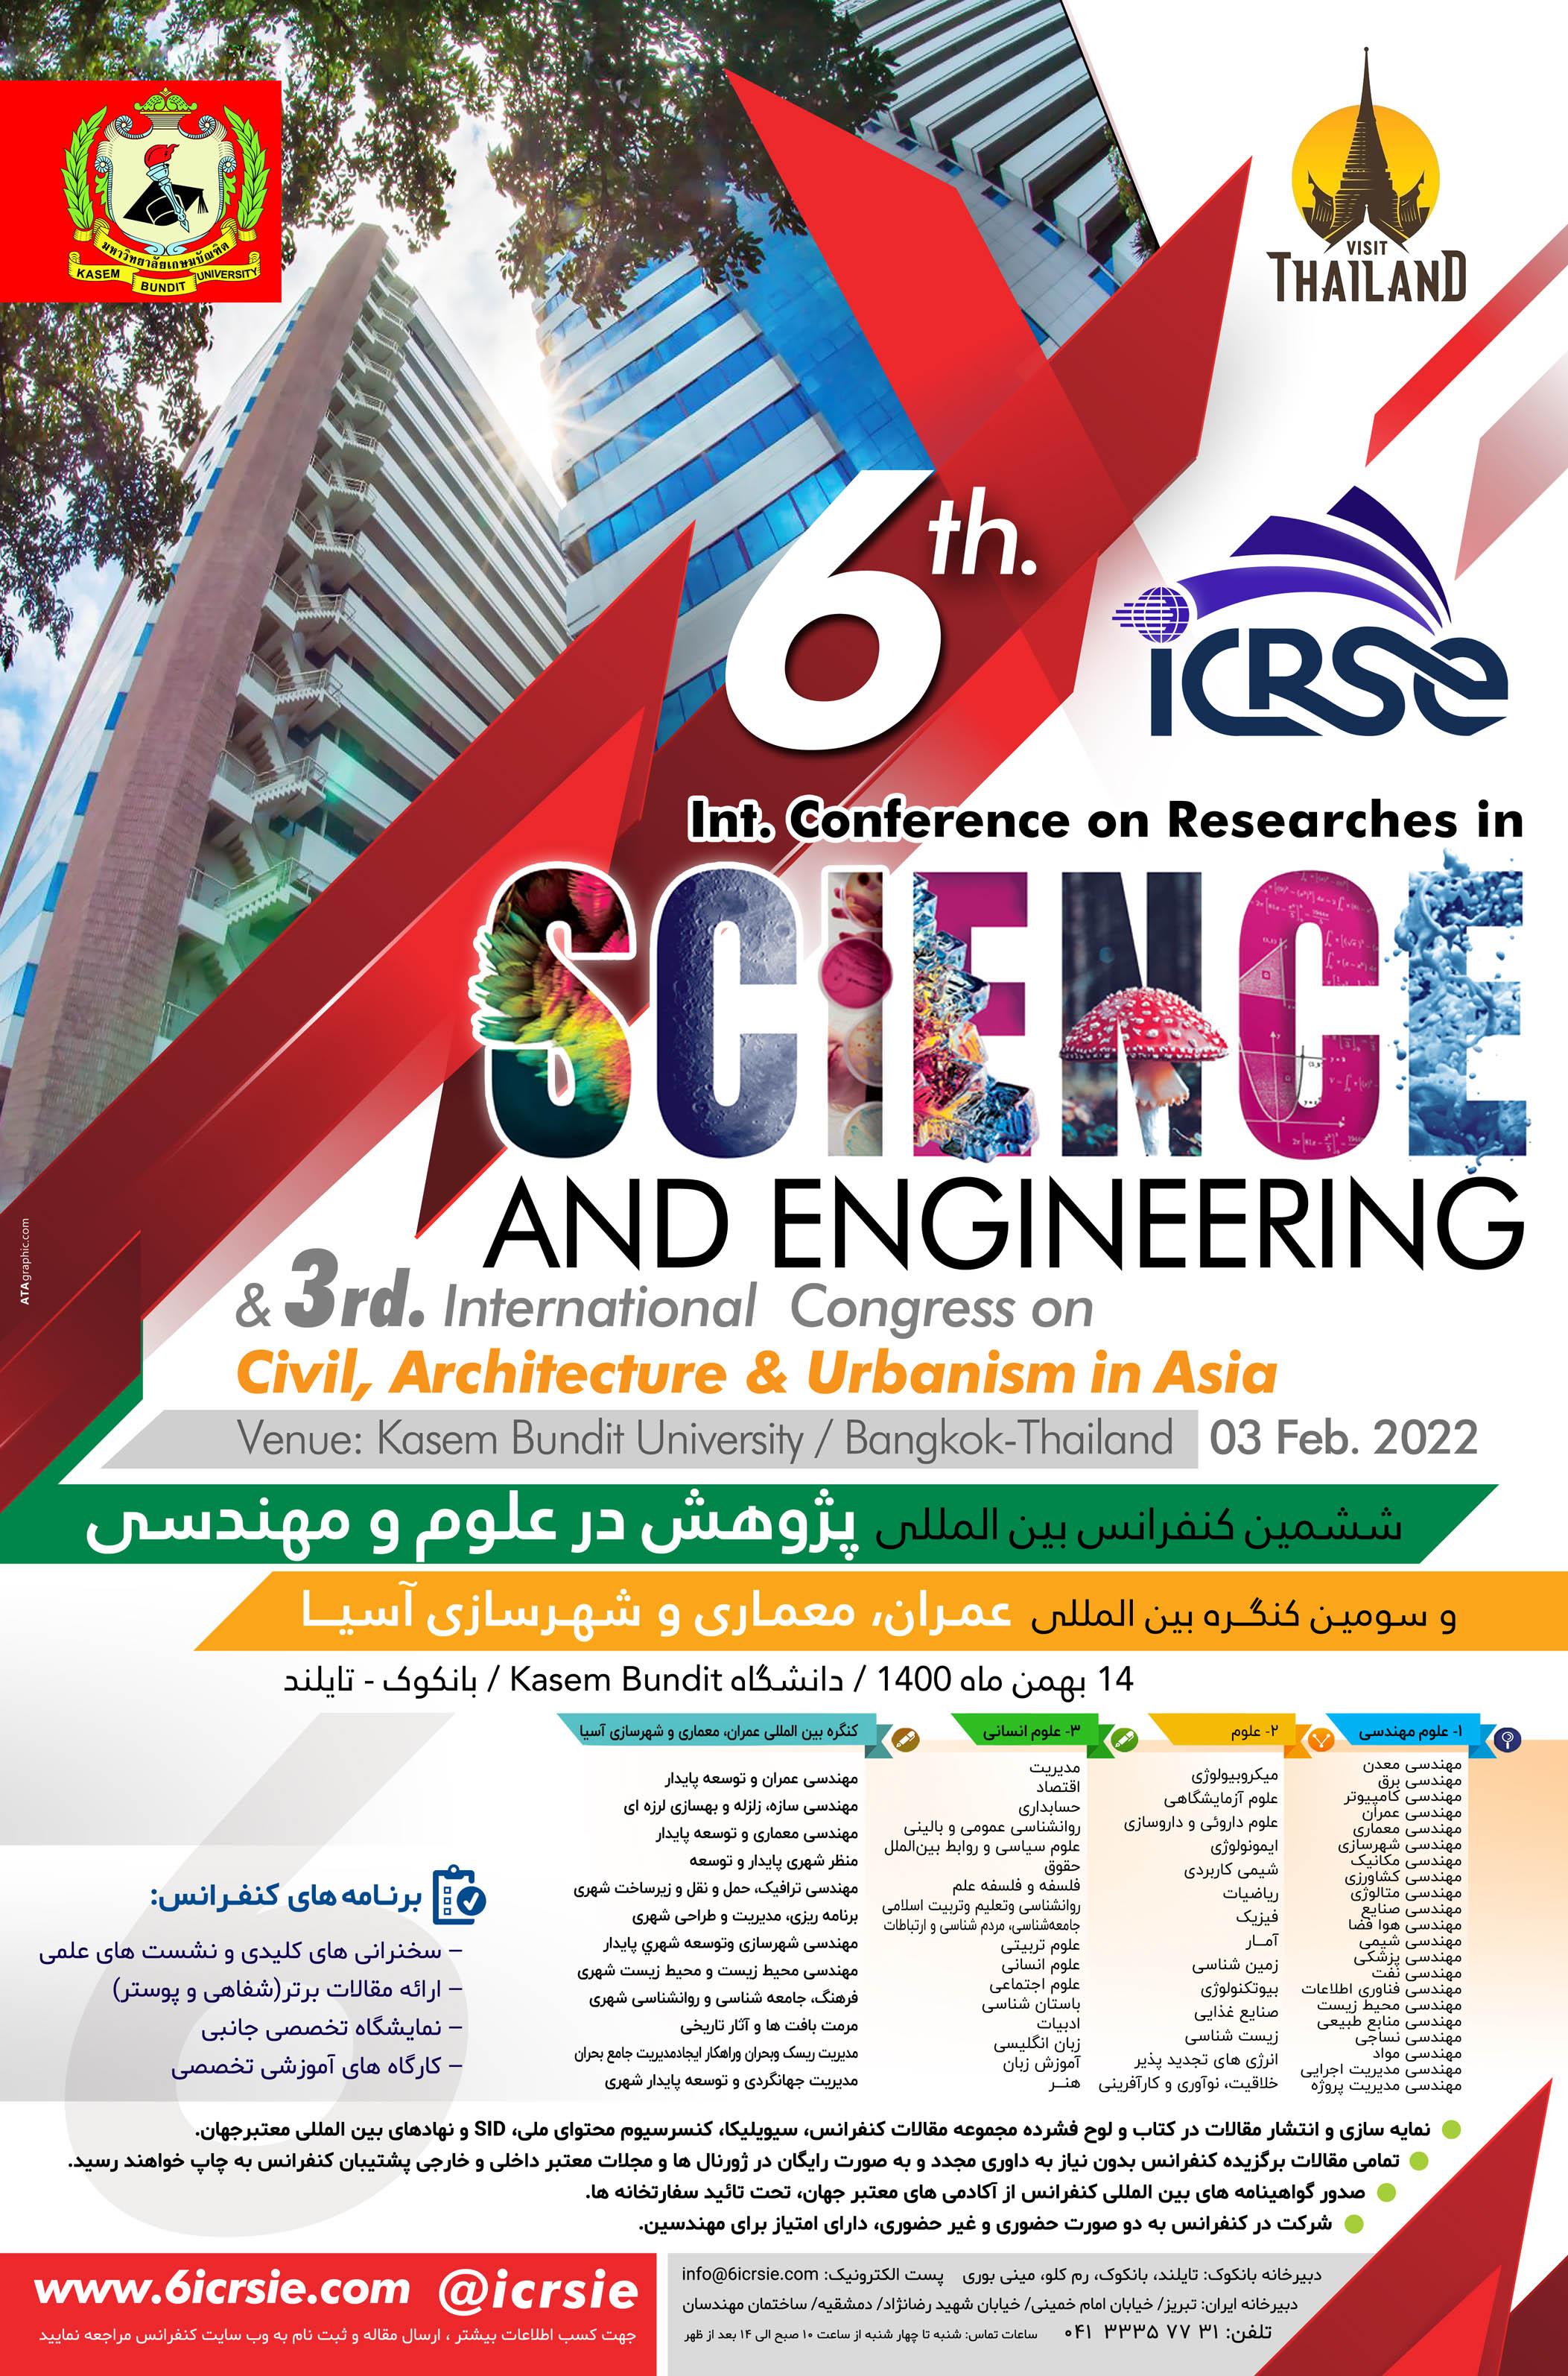 ششمین کنفرانس بین المللی پژوهش در علوم و مهندسی و سومین کنگره بین المللی عمران، معماری و شهرسازی آسیا